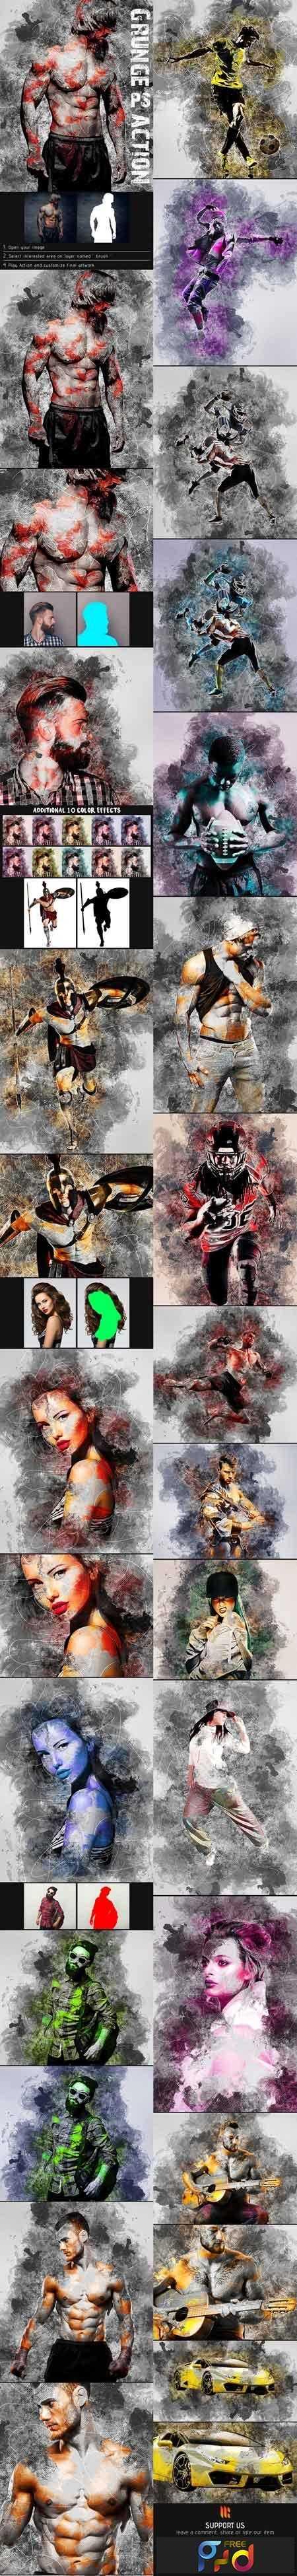 1812146 Wildness - Grunge Photoshop Action 22533789 1